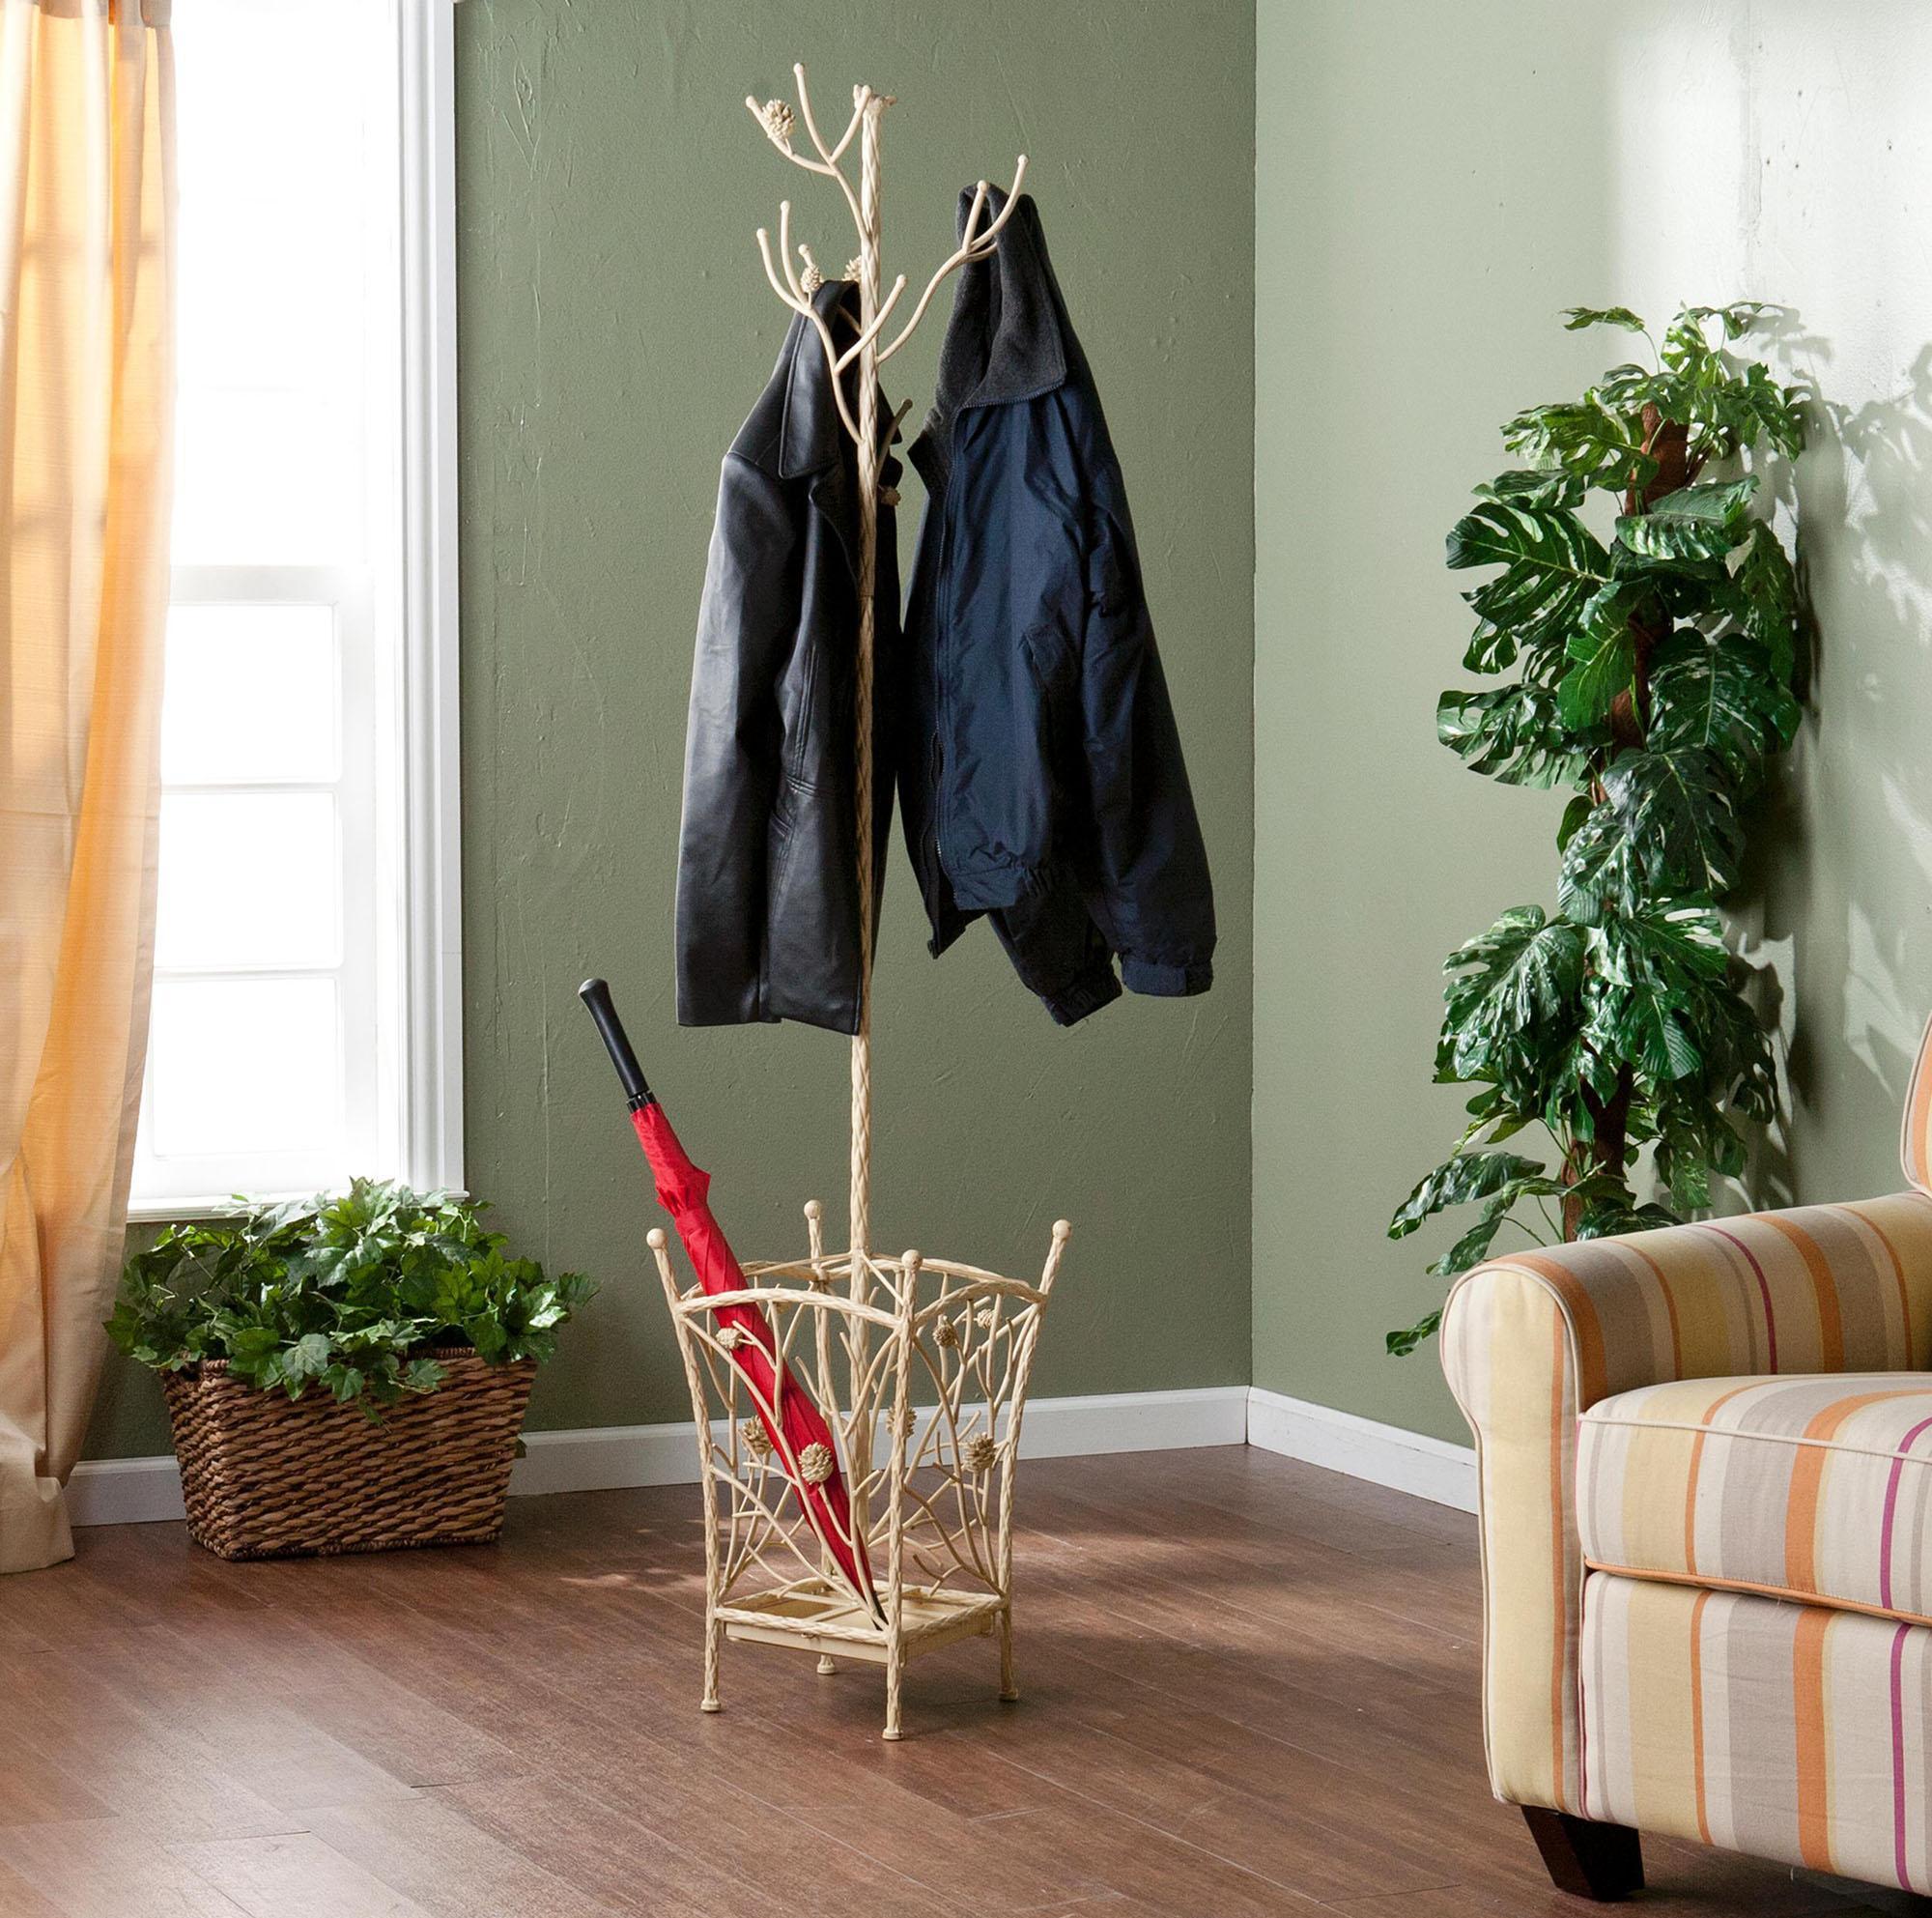 Напольная вешалка с местом для зонтов